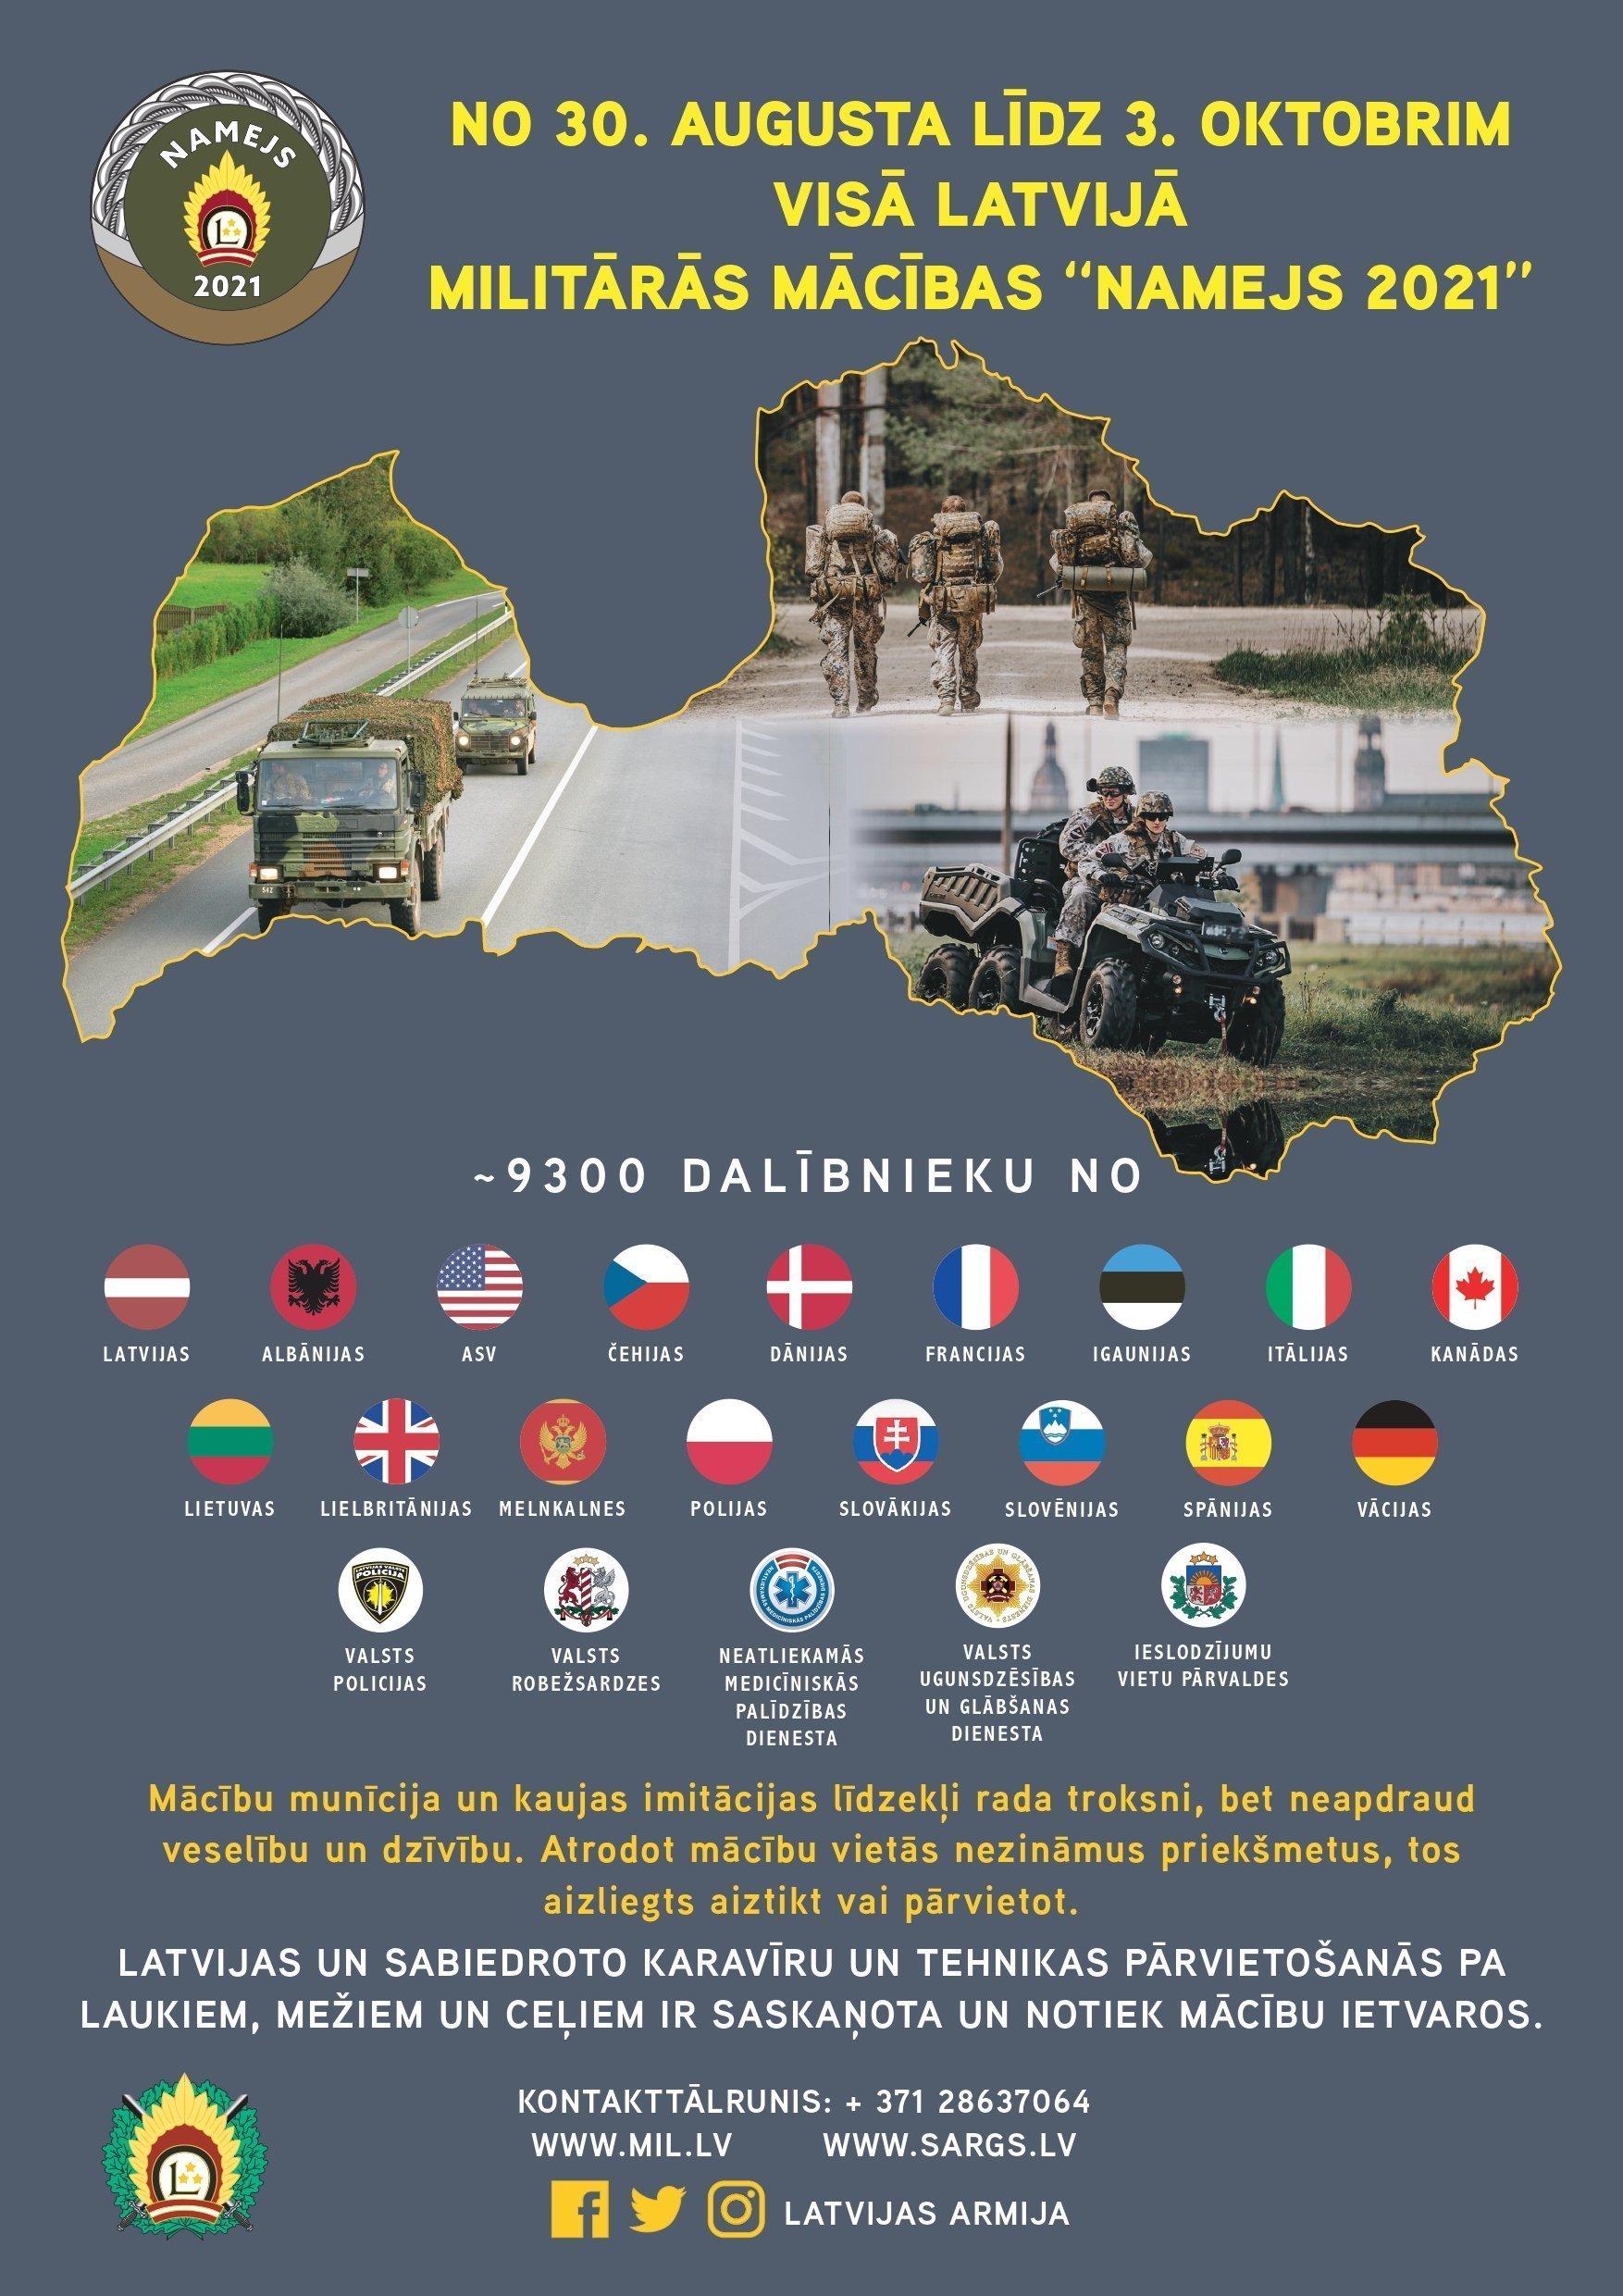 """Visā Latvijā notiks Nacionālo bruņoto spēku militārās mācības """"Namejs 2021"""""""